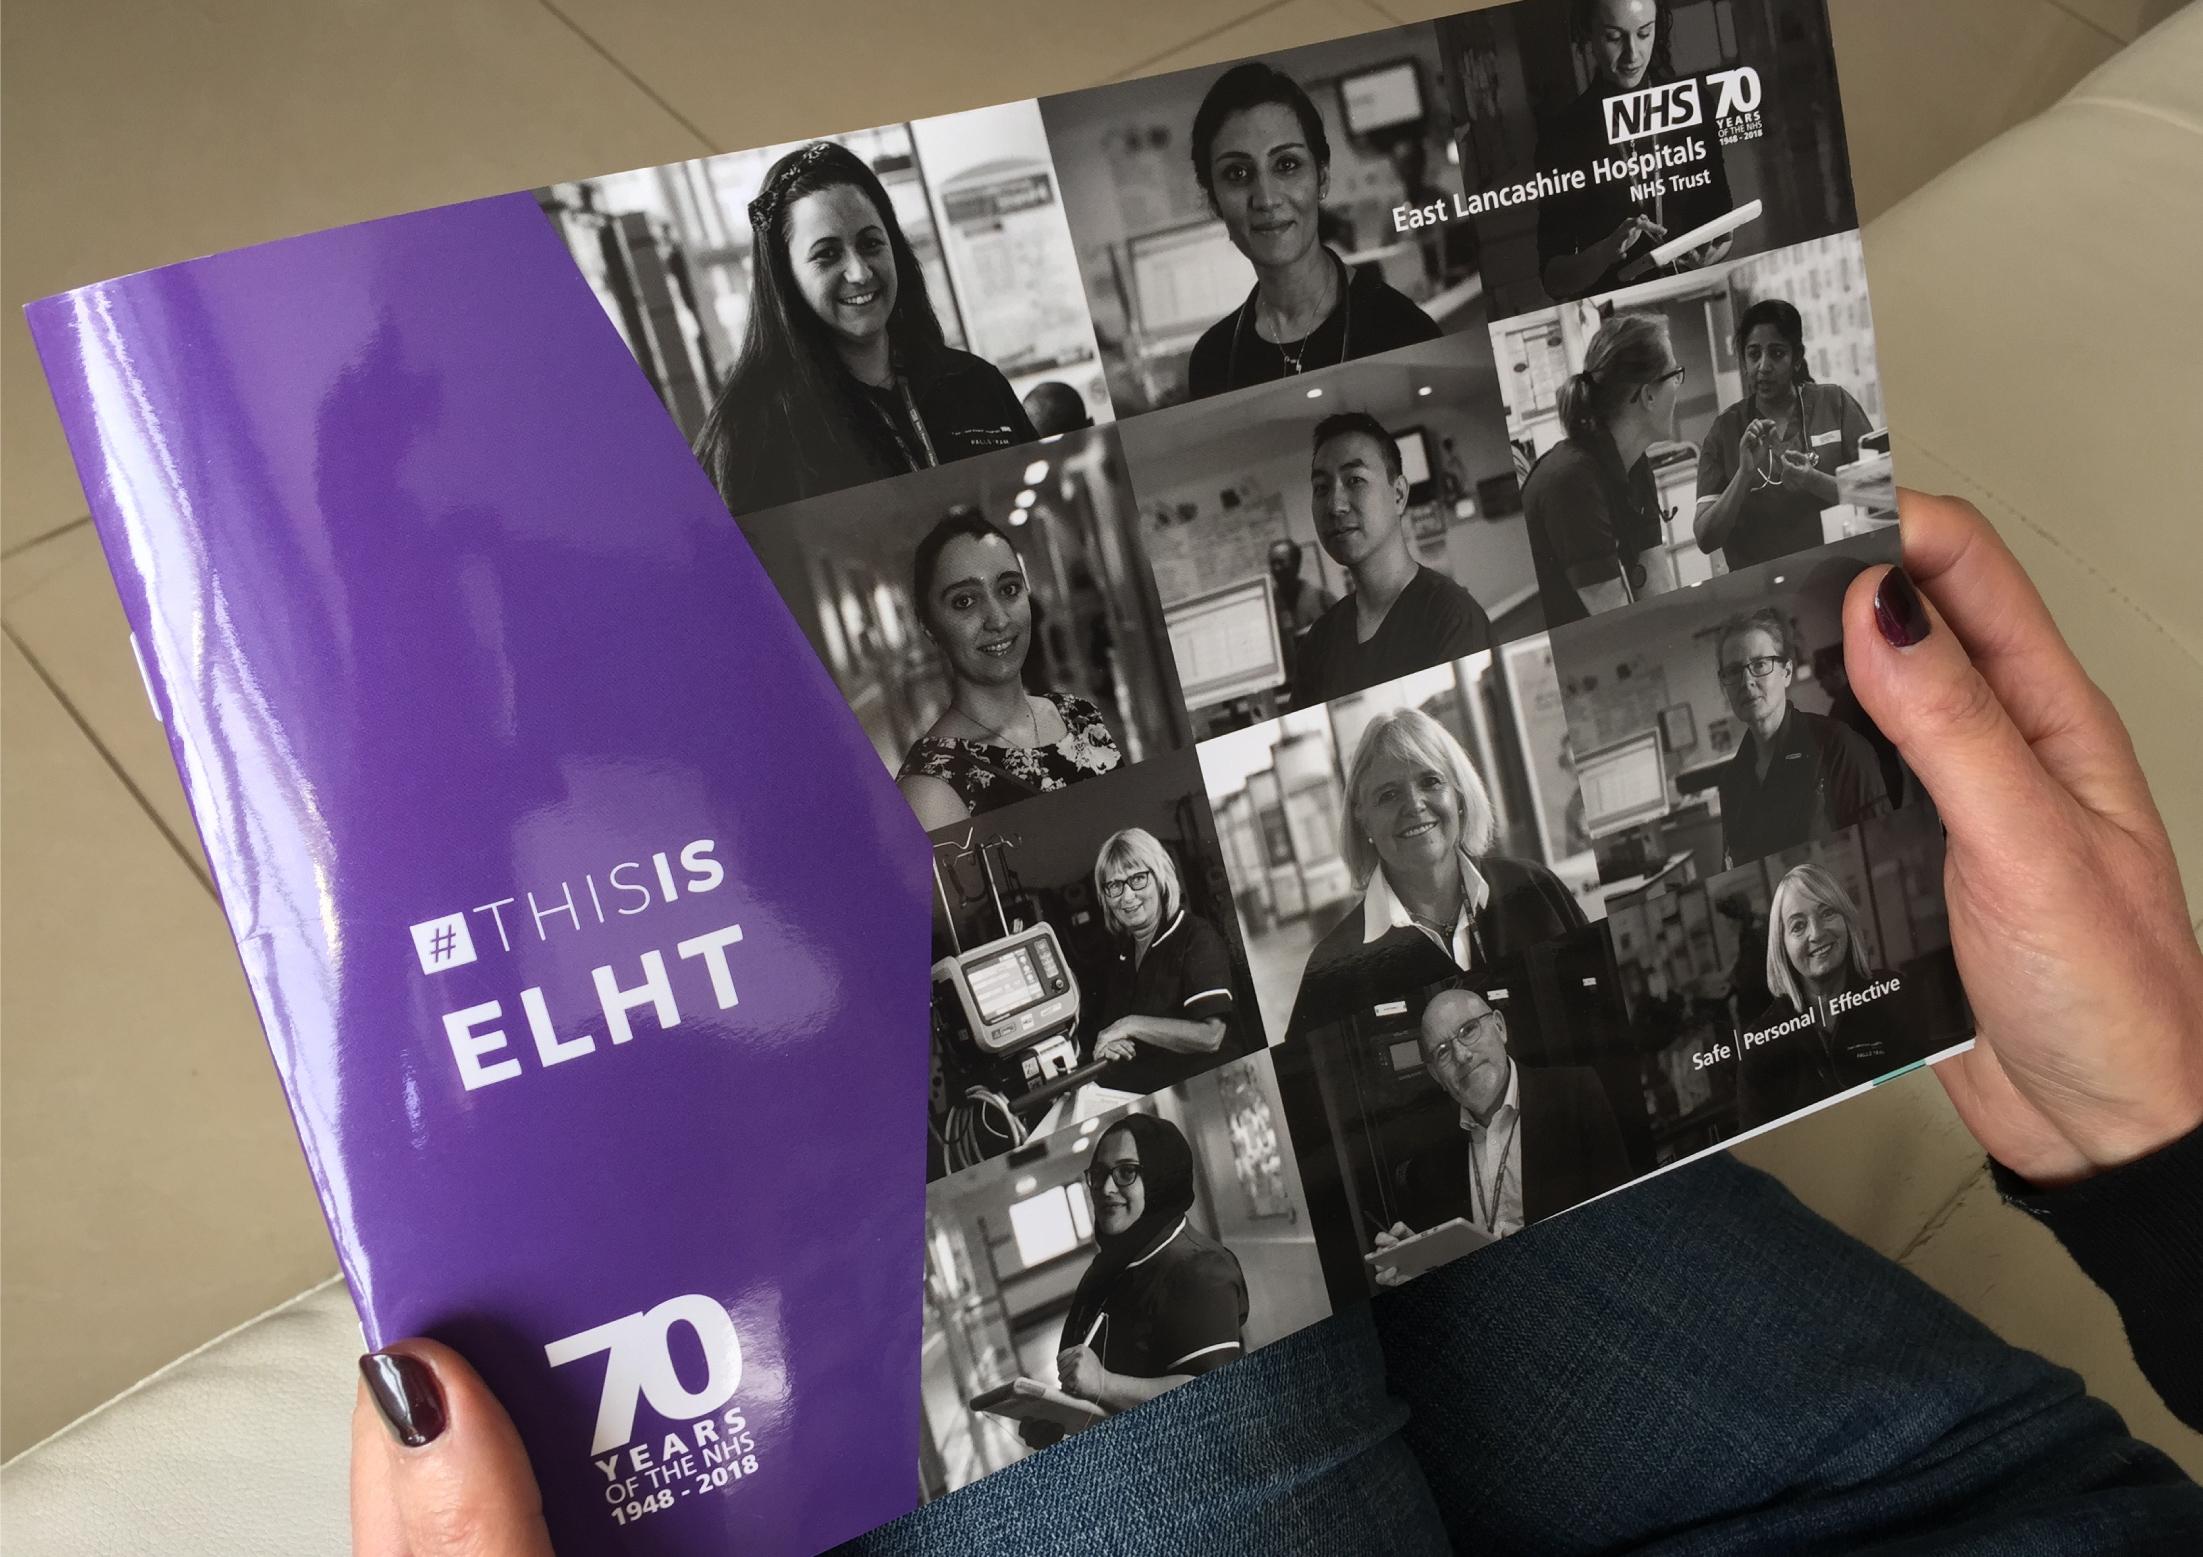 ELHT-4